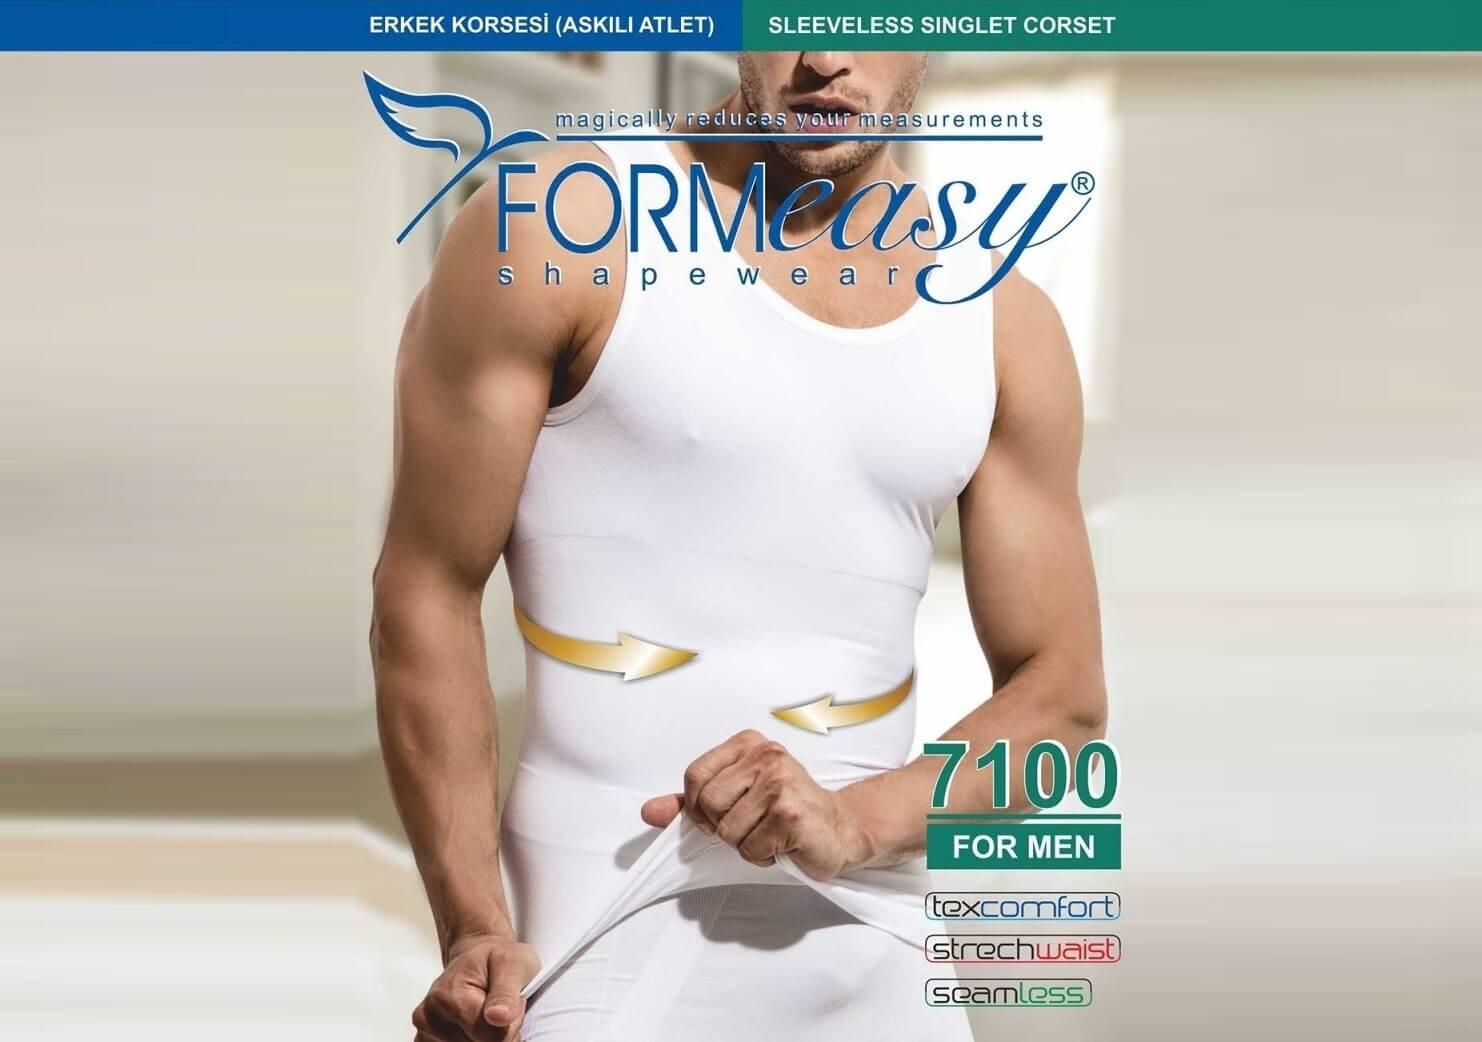 گن لاغری مردانه فرم ایزی